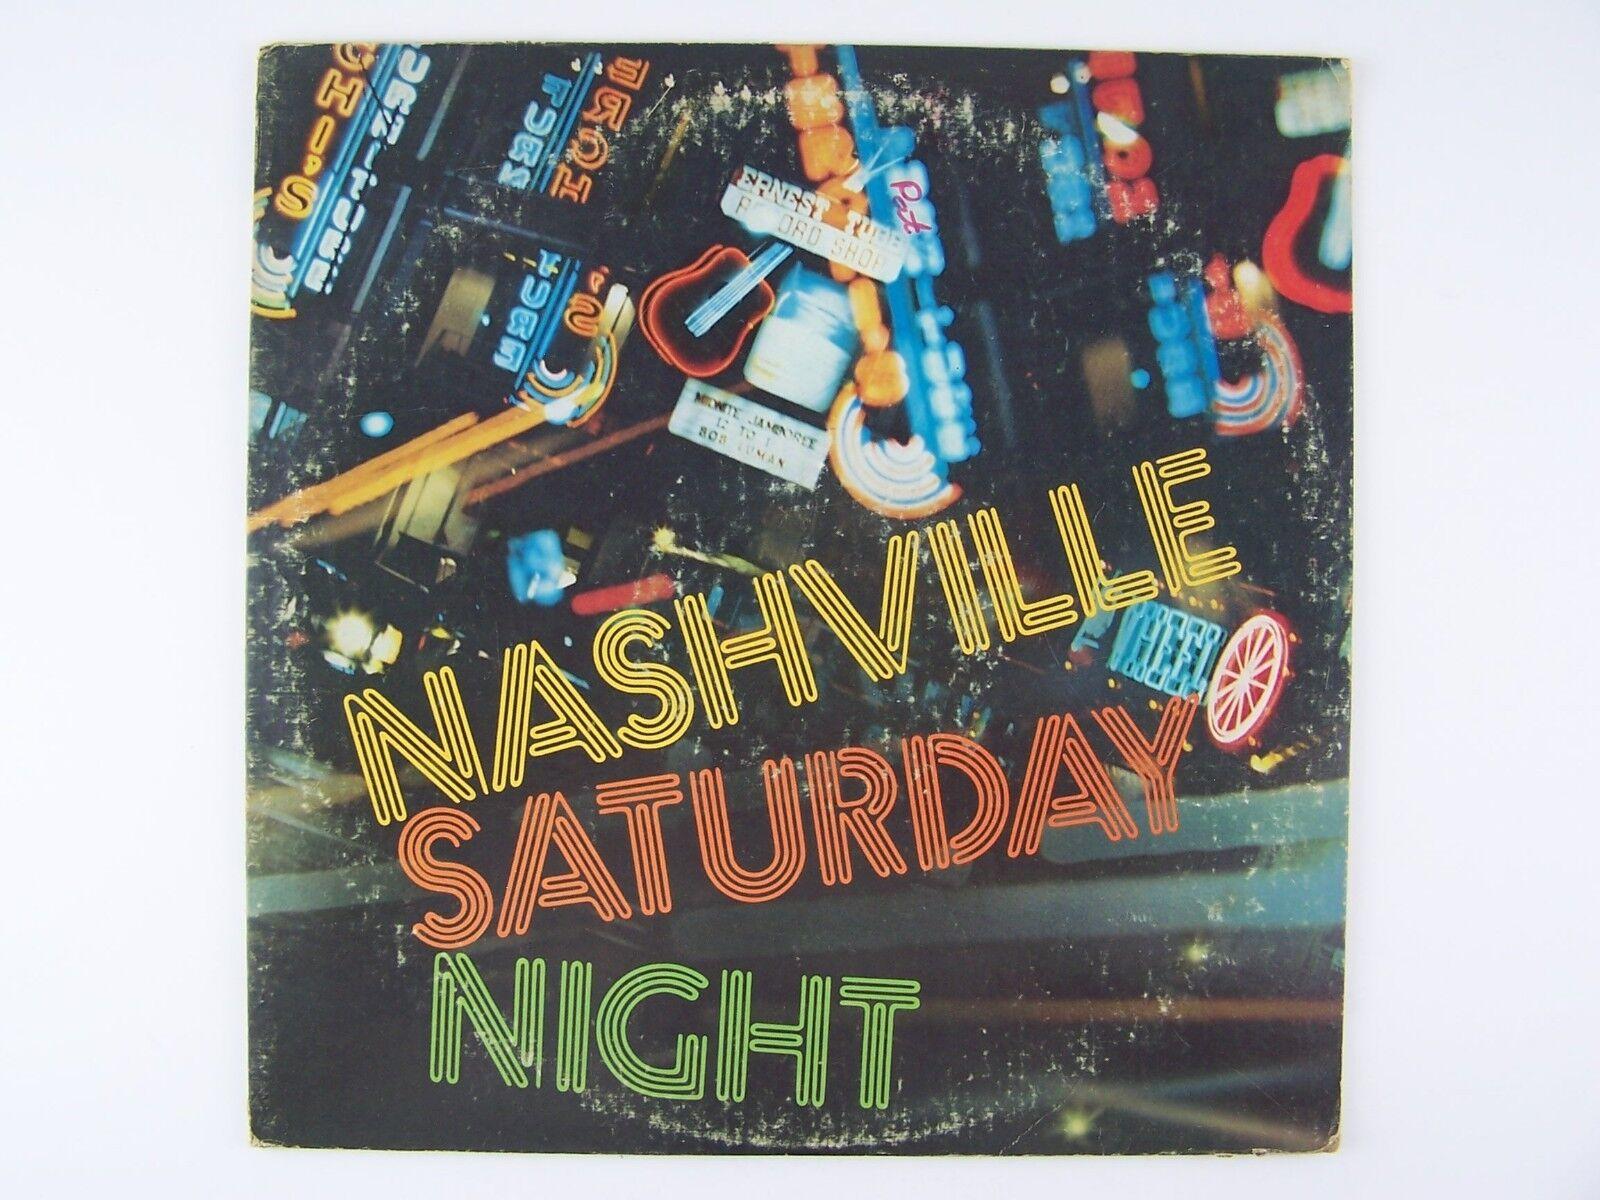 Nashville Saturday Night Vinyl LP Record Album 1P-6215